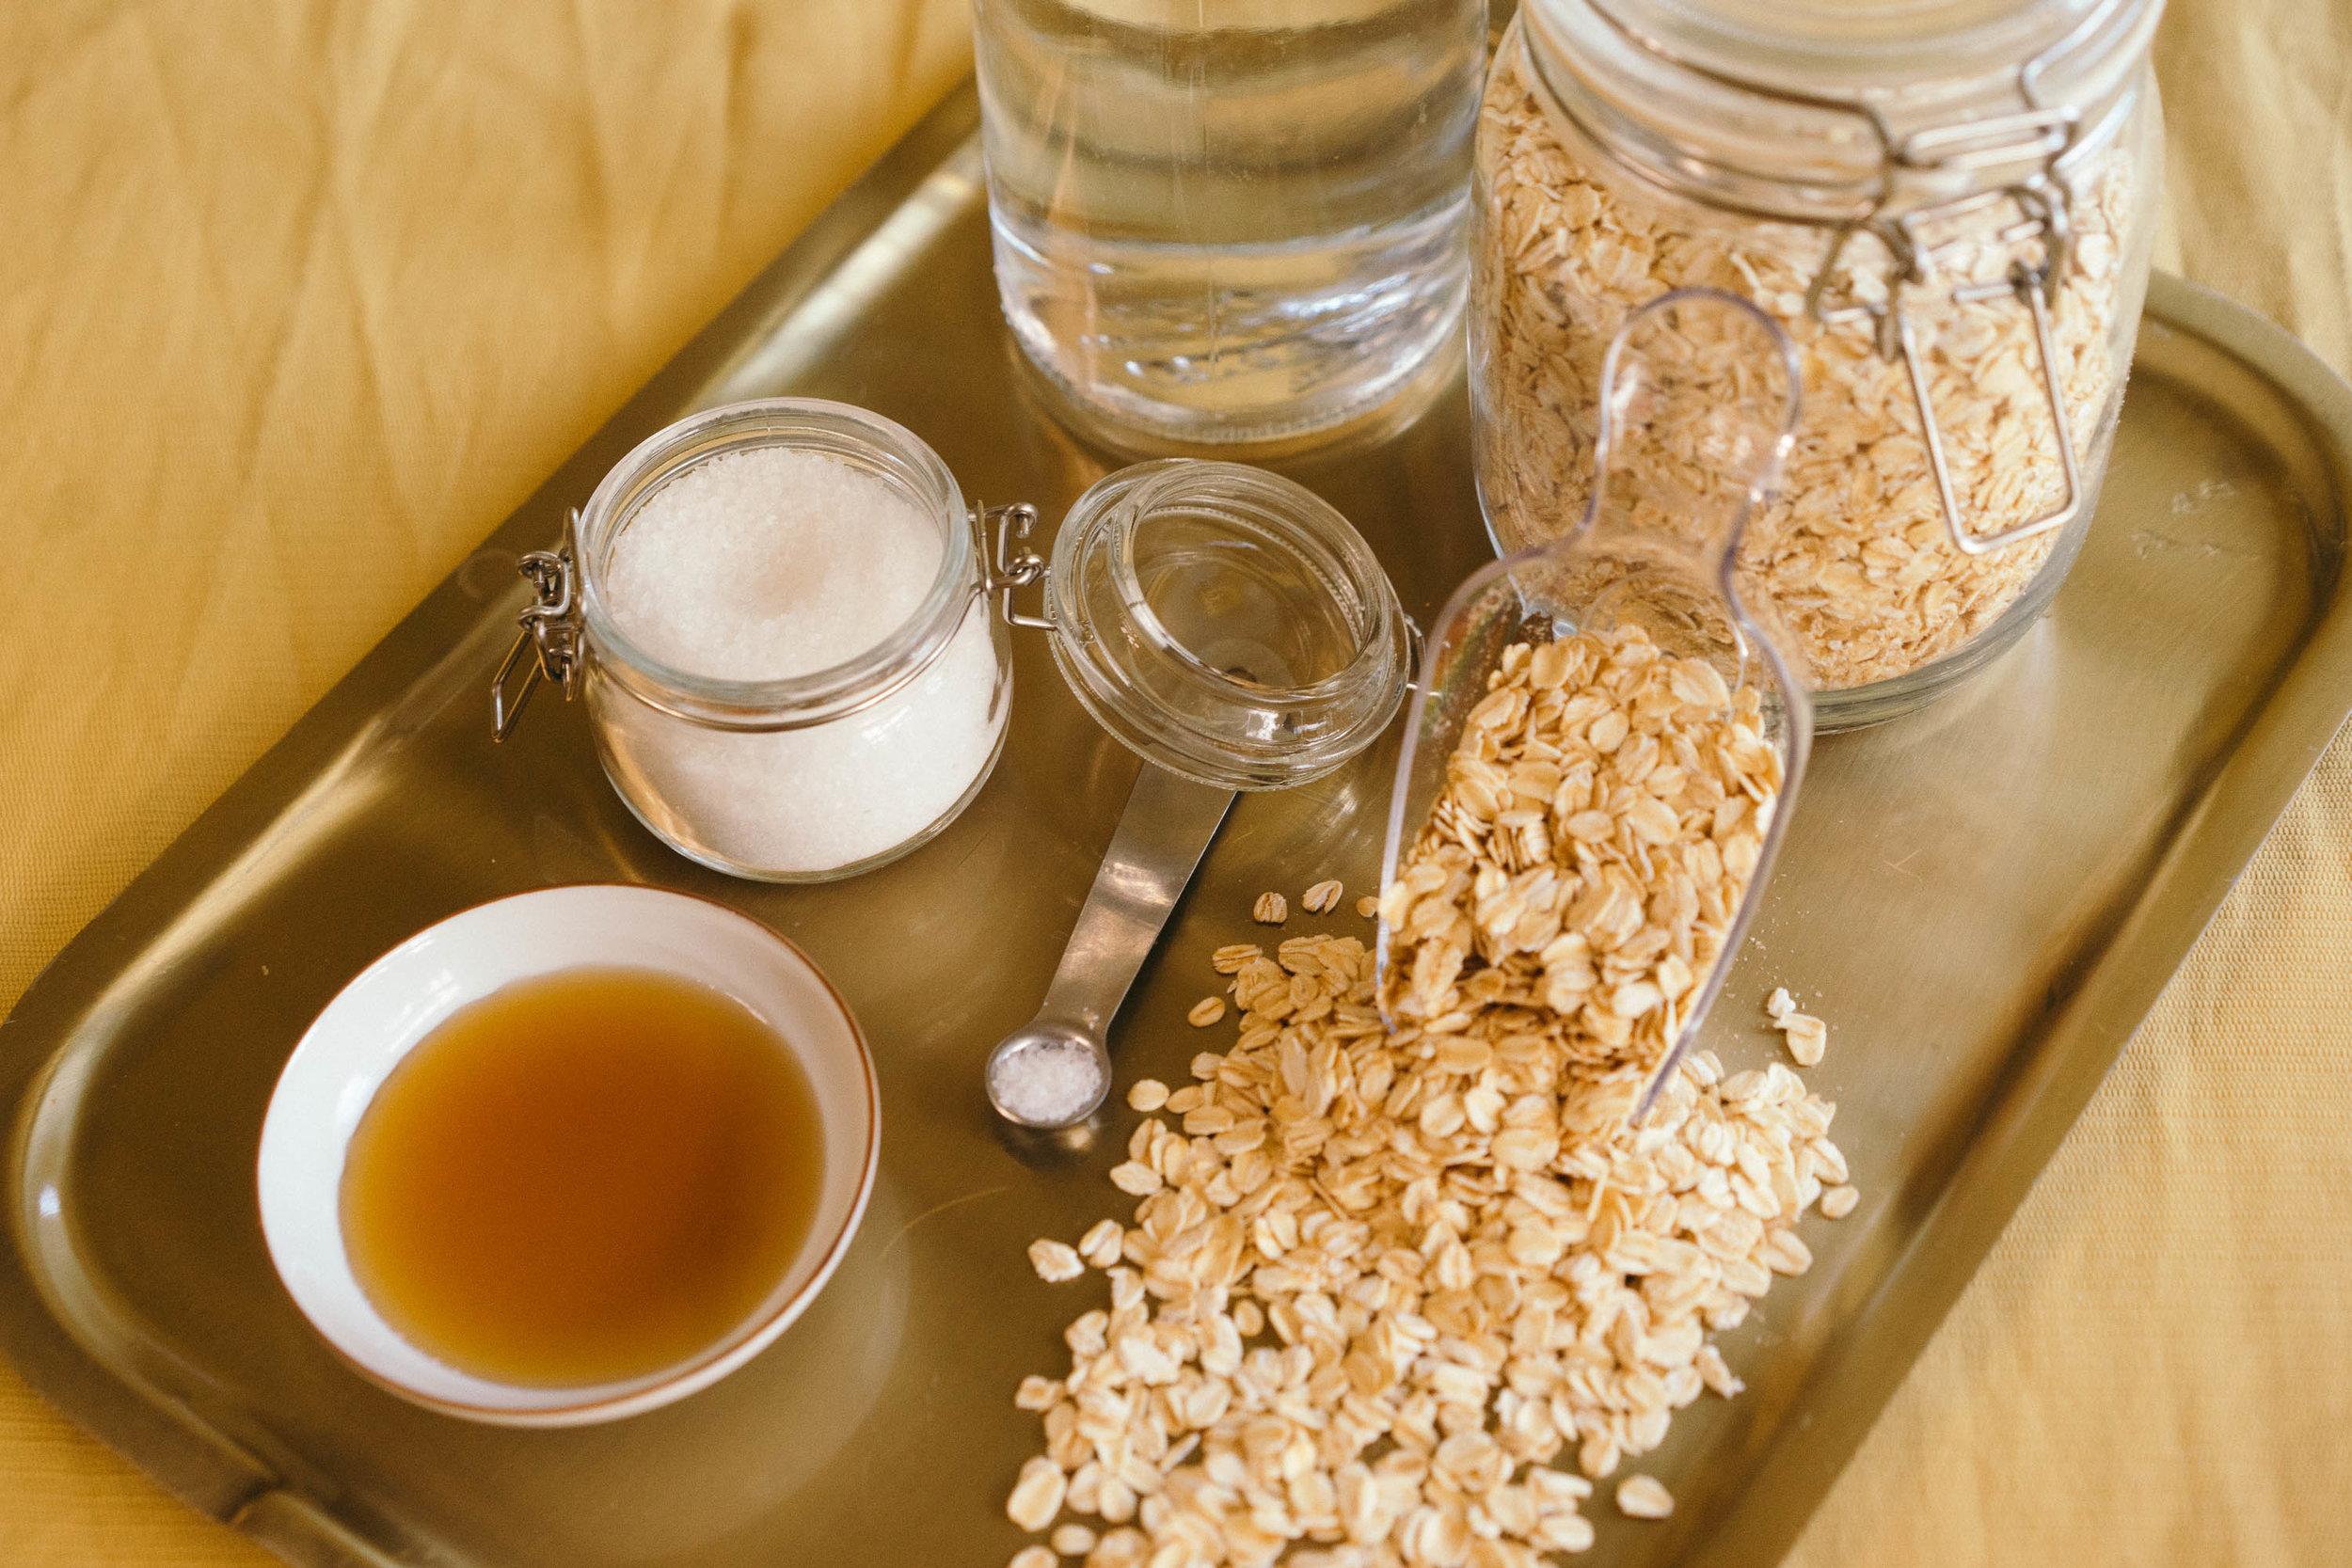 *燕麥奶食材:   燕麥 一杯  水 四杯 (一杯泡燕麥的量)  楓糖/紅棗/蜂蜜(可依照自己喜歡的甜度增加)  鹽 一小撮